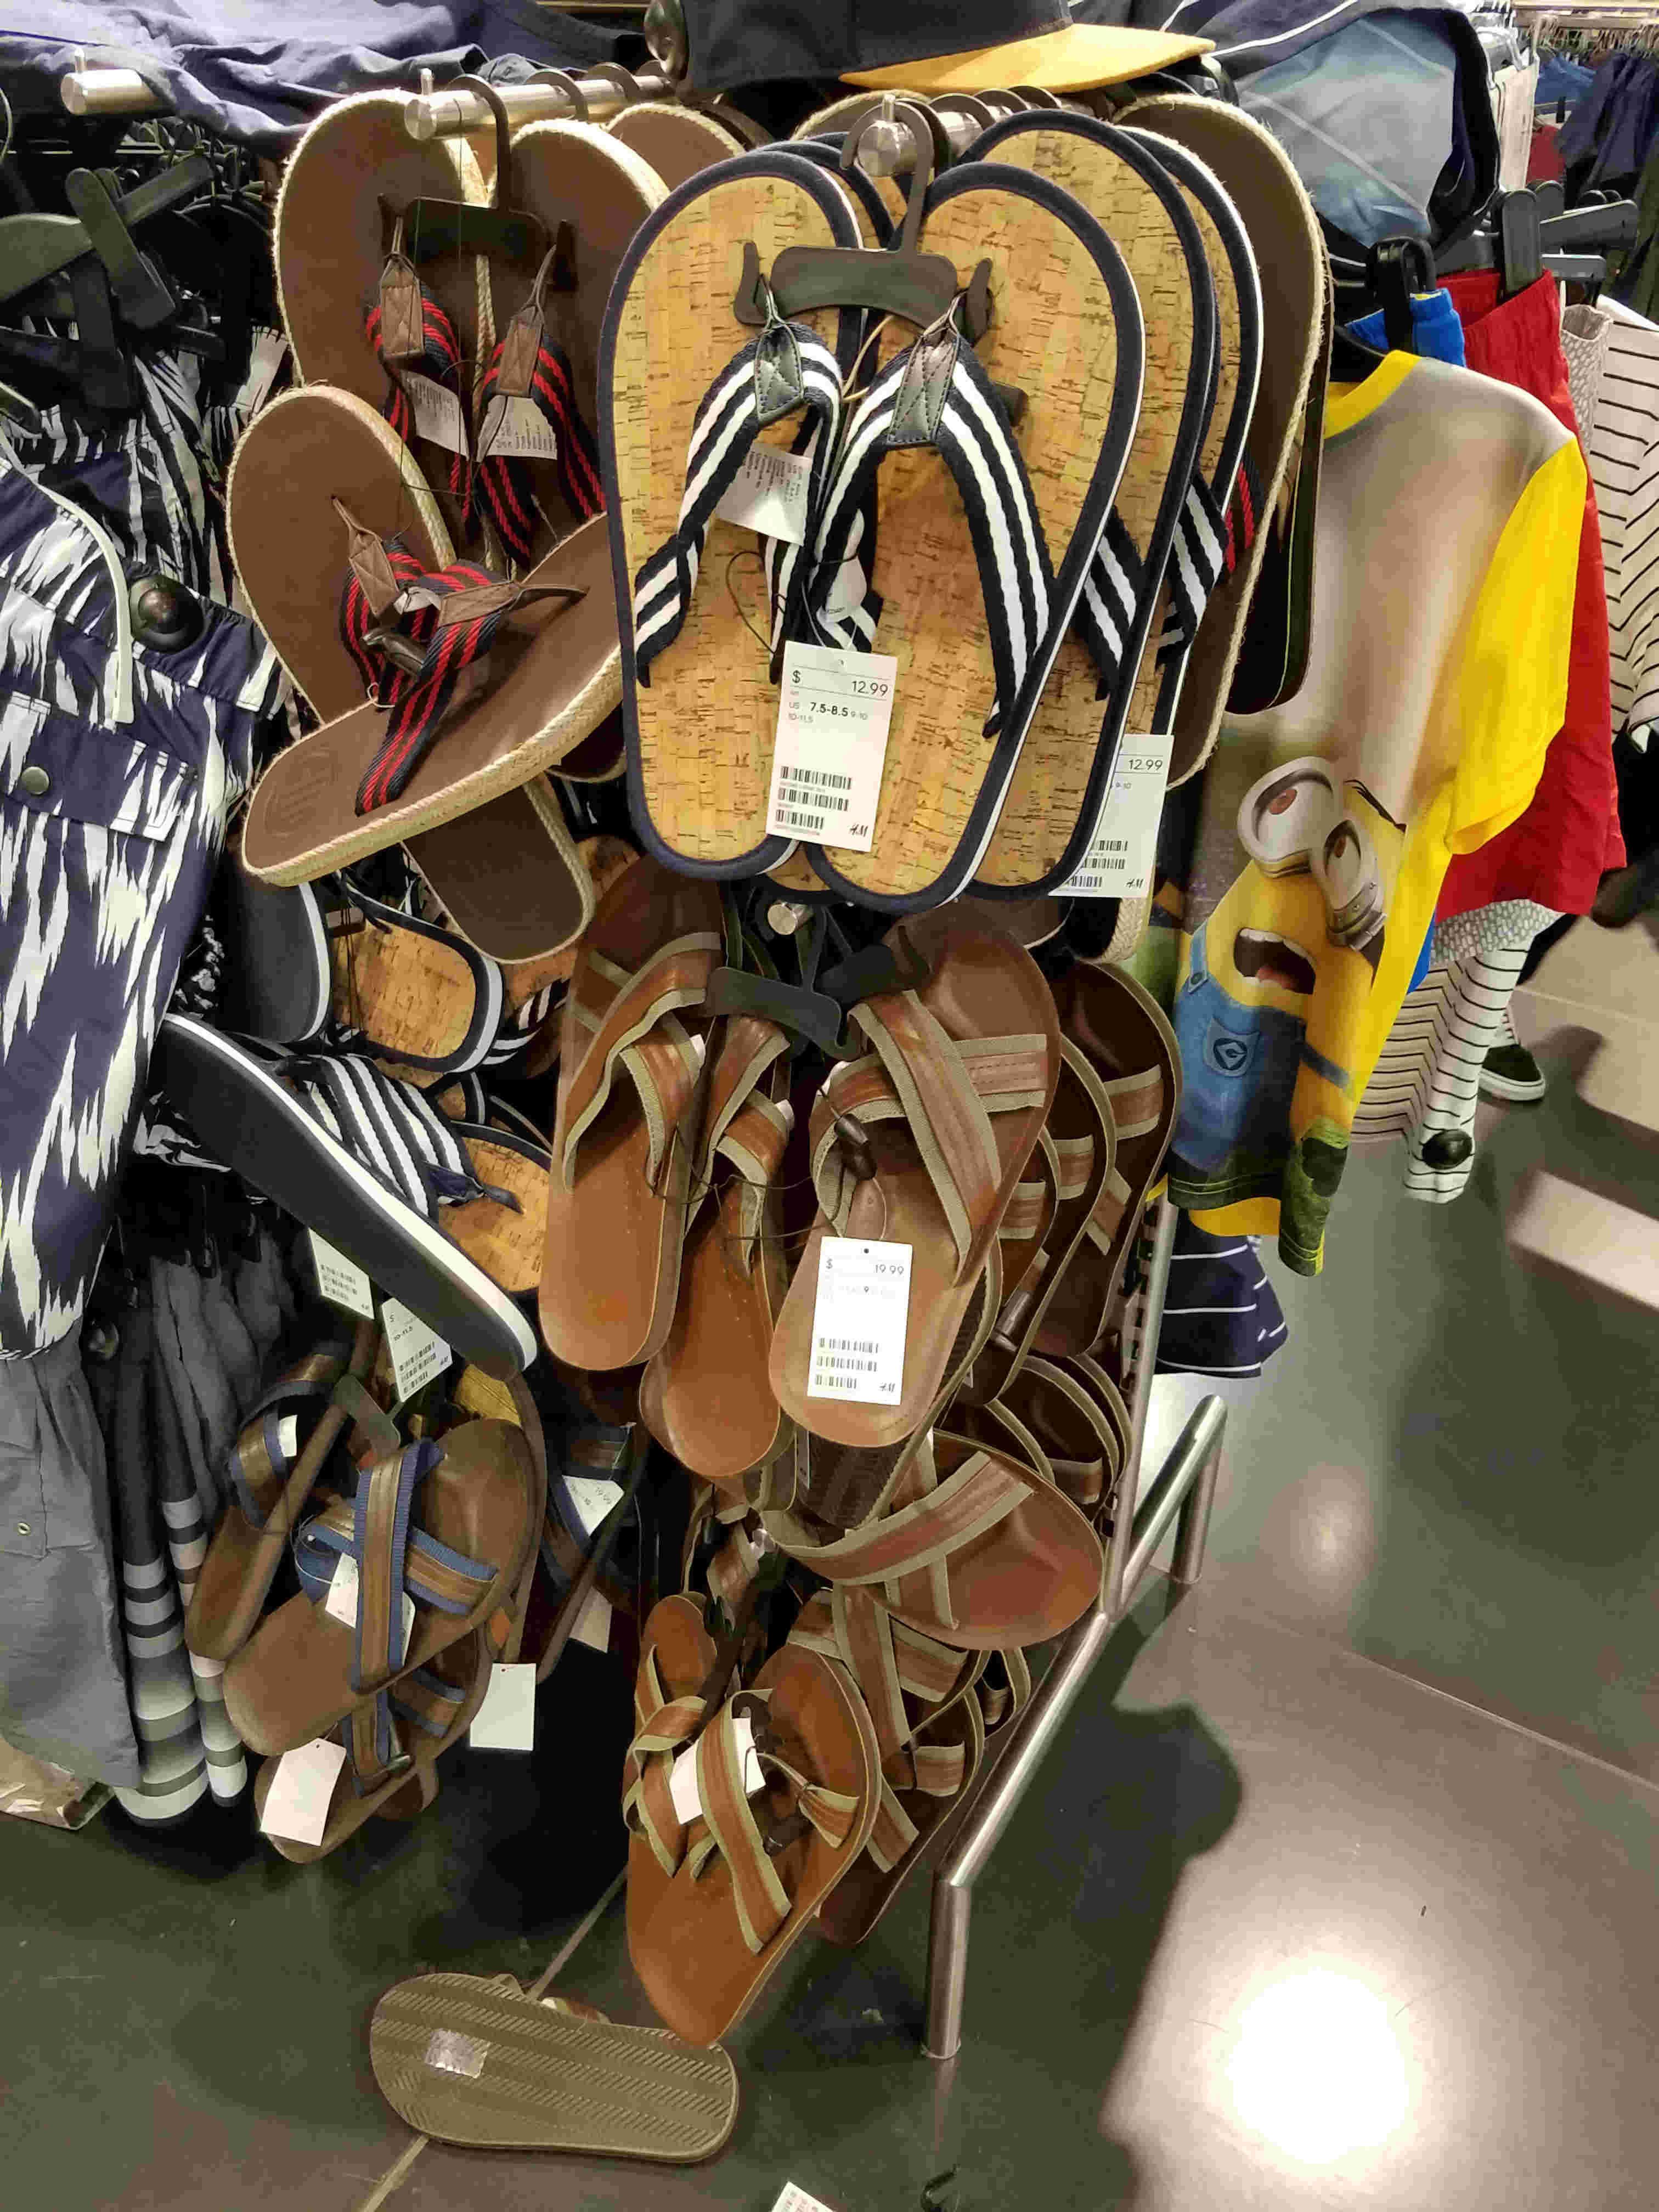 Summer Style For Short Men: Sandals In H&M | ShortGuyCentral